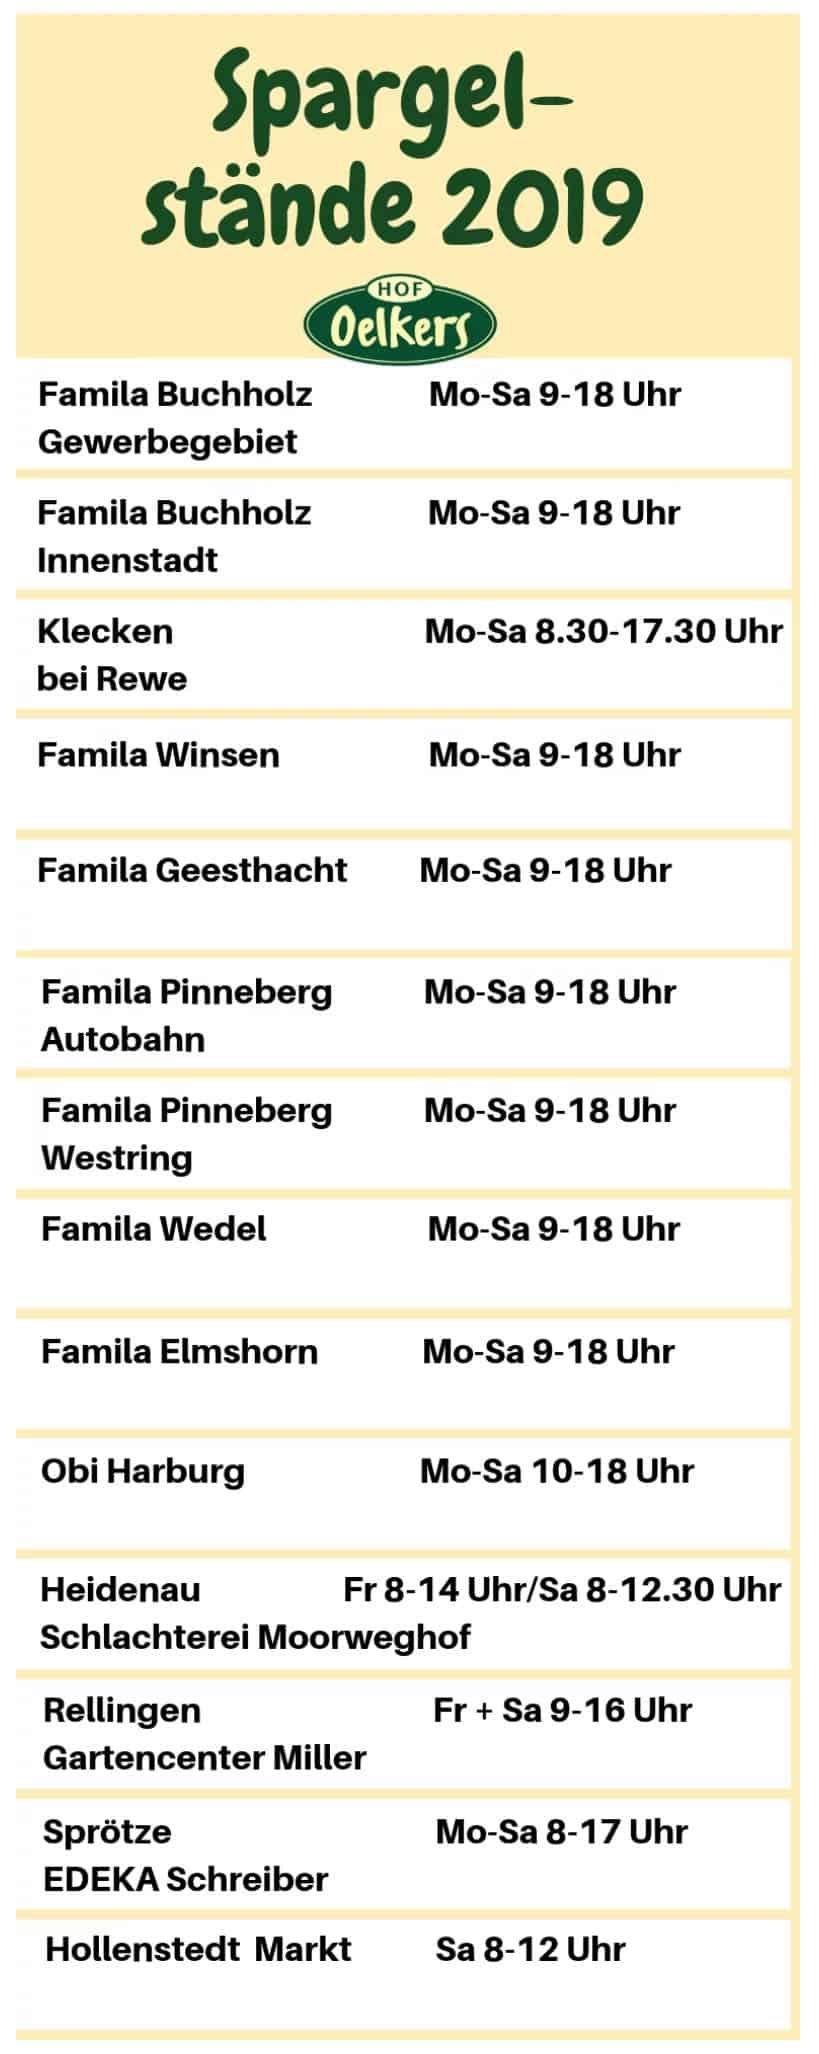 Hier gibt es den leckeren Spargel von Hof Oelkers im Landkreis Harburg